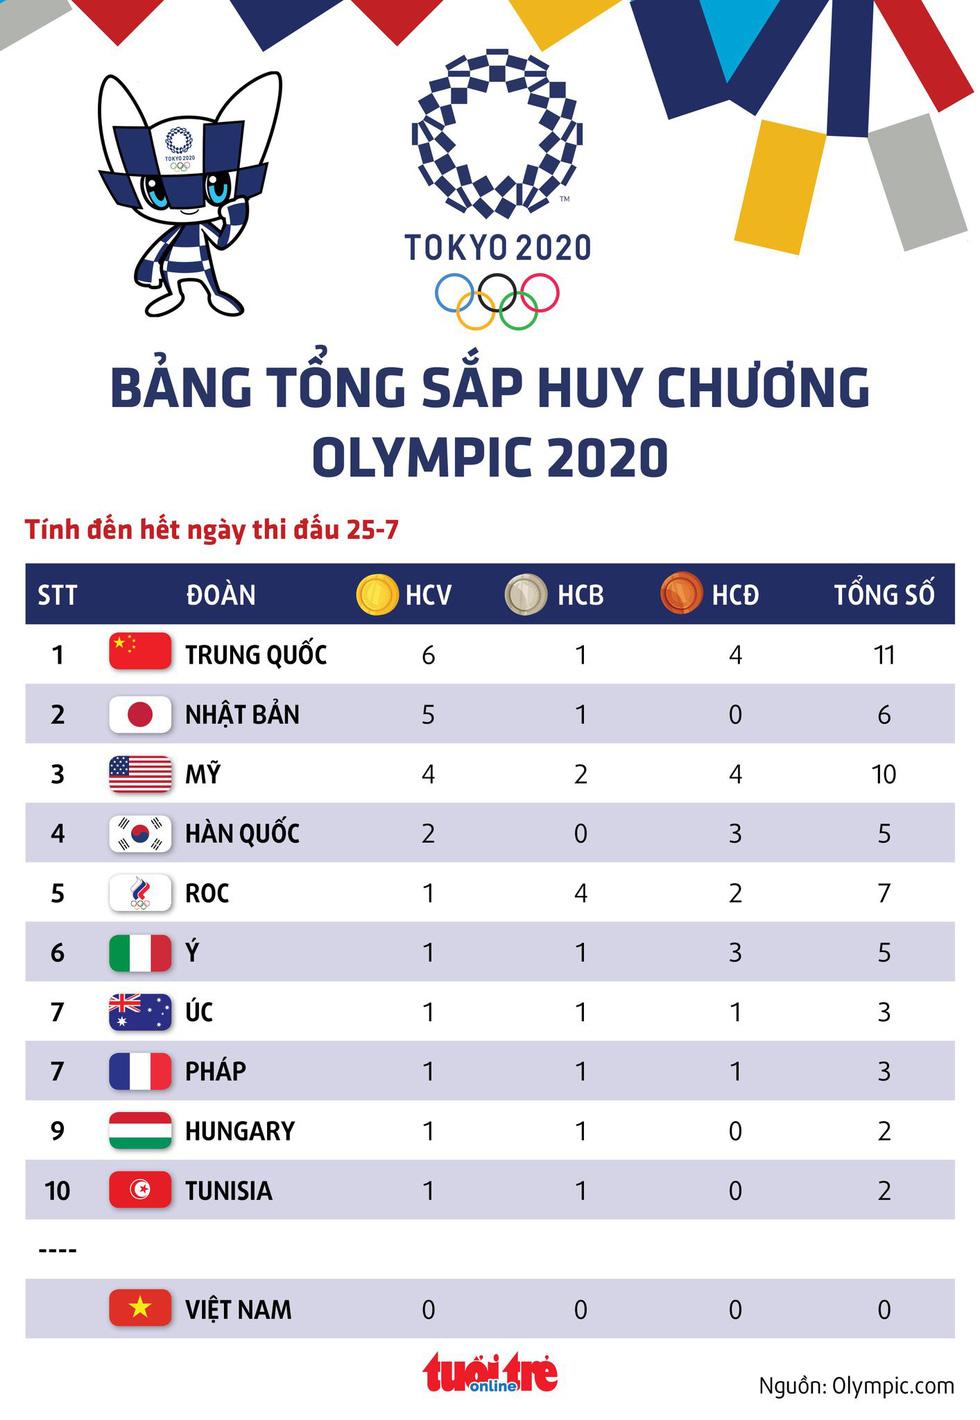 Bảng tổng sắp huy chương Olympic 2020: Trung Quốc, Nhật Bản, Mỹ tạm dẫn đầu - Ảnh 1.